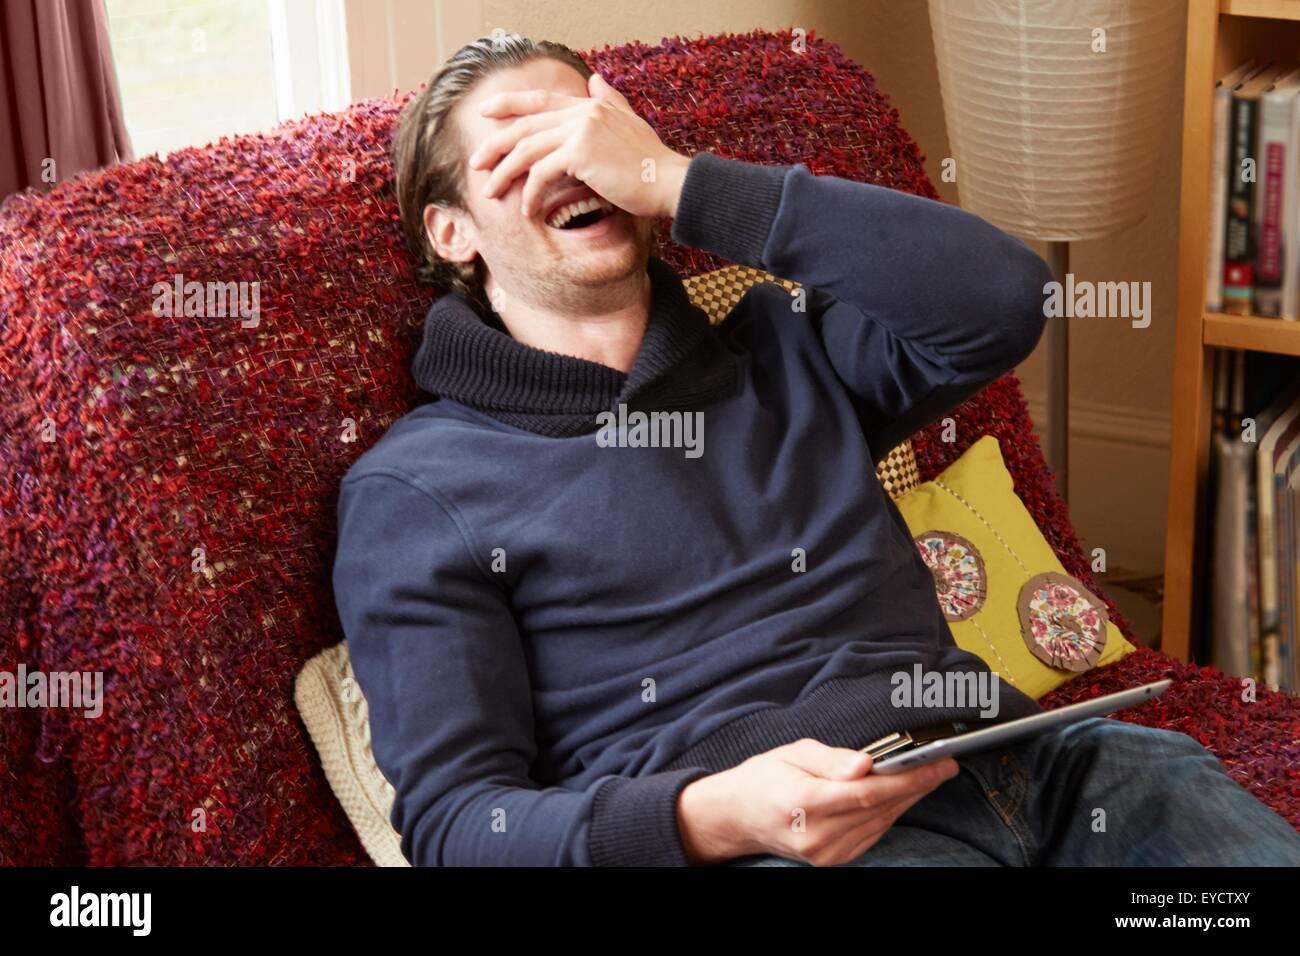 Junger Mann auf Sofa bedeckte sein Gesicht während lachen Stockbild